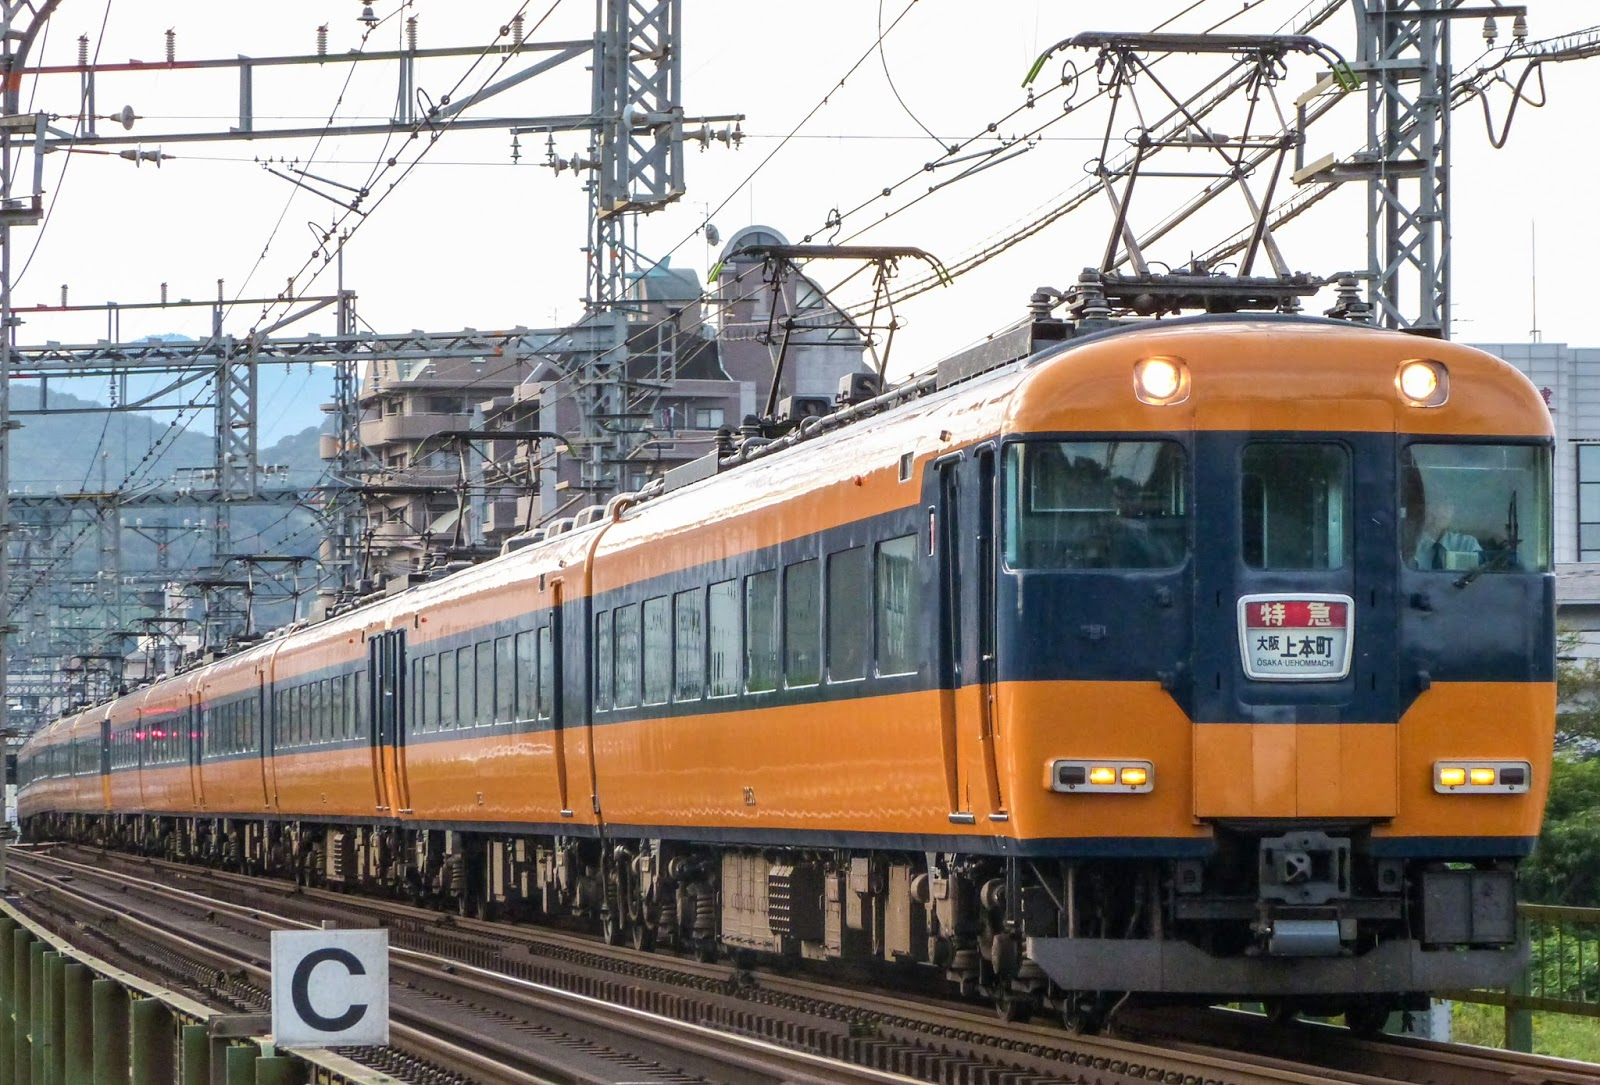 4年半ぶりにスナック10連が運転される――大阪線602列車